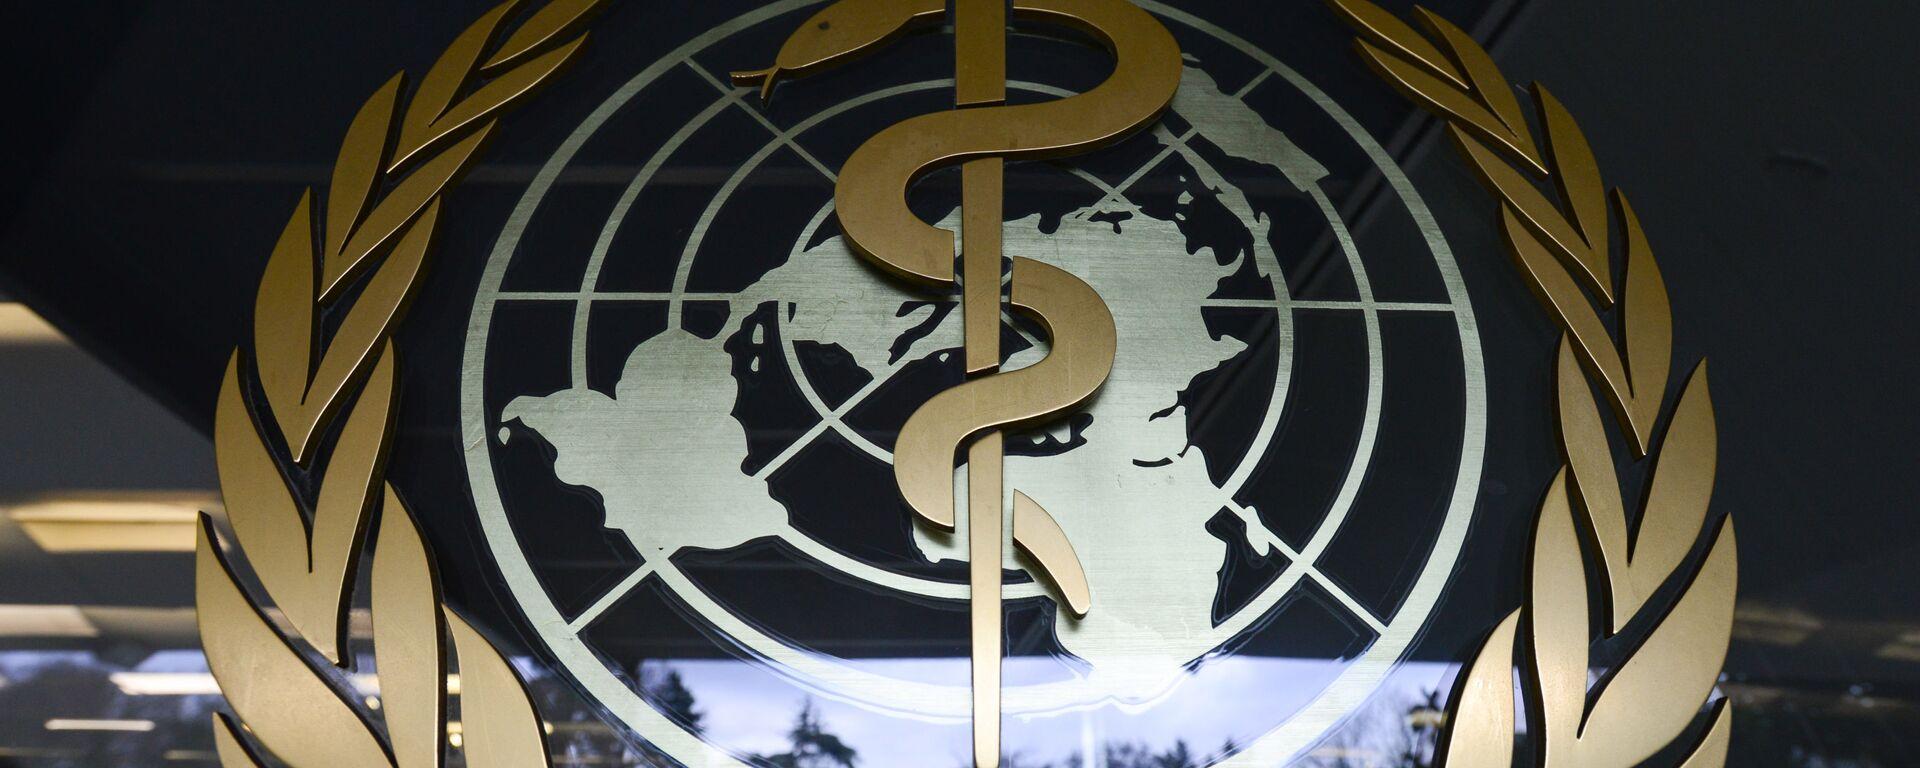 Эмблема Всемирной организации здравоохранения - Sputnik Беларусь, 1920, 26.01.2021